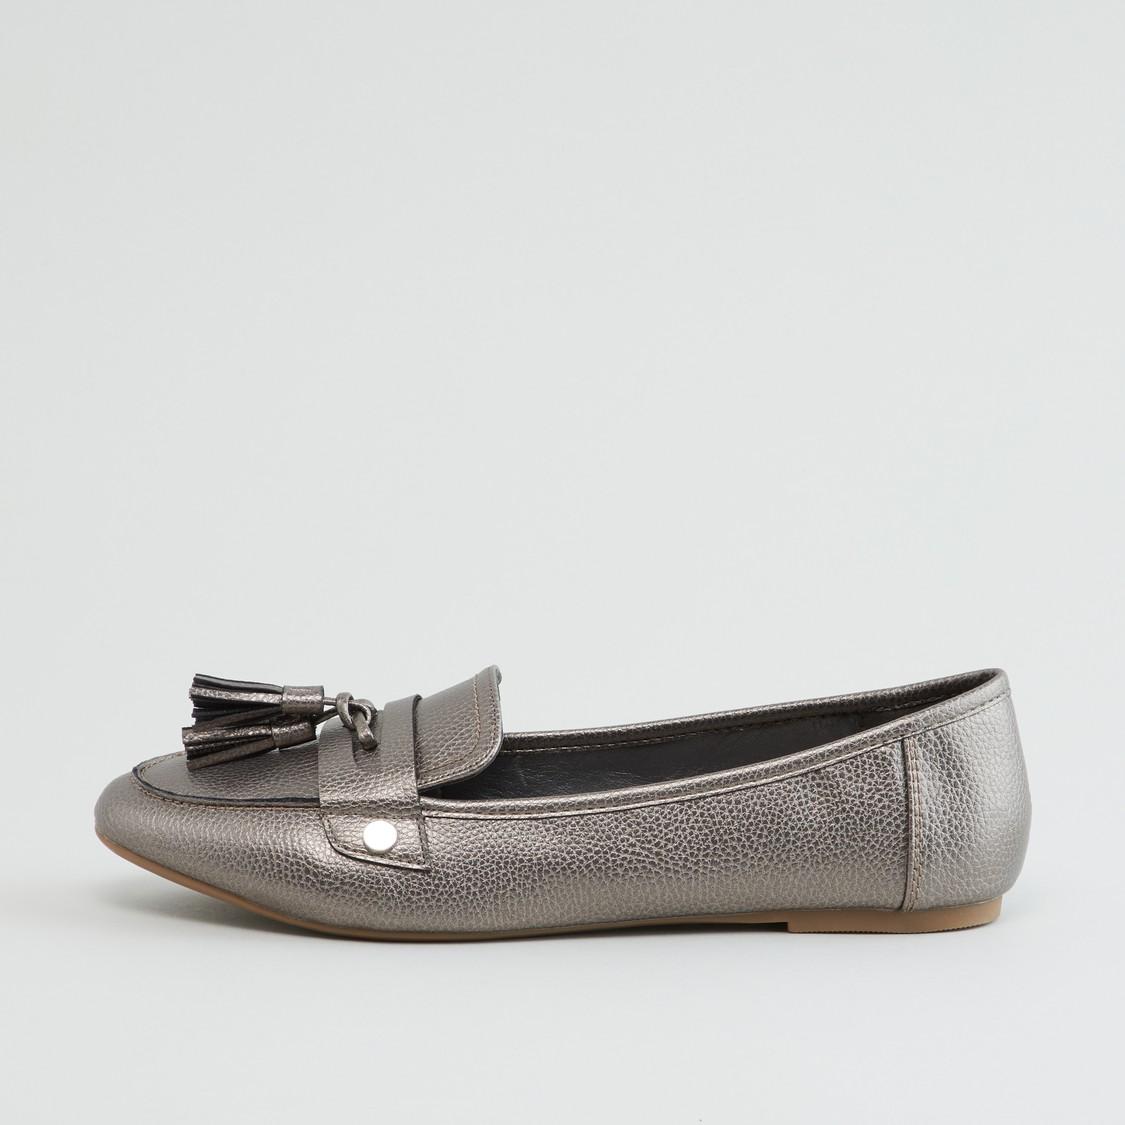 حذاء سهل الارتداء بارز الملمس مع تفاصيل شرّابات